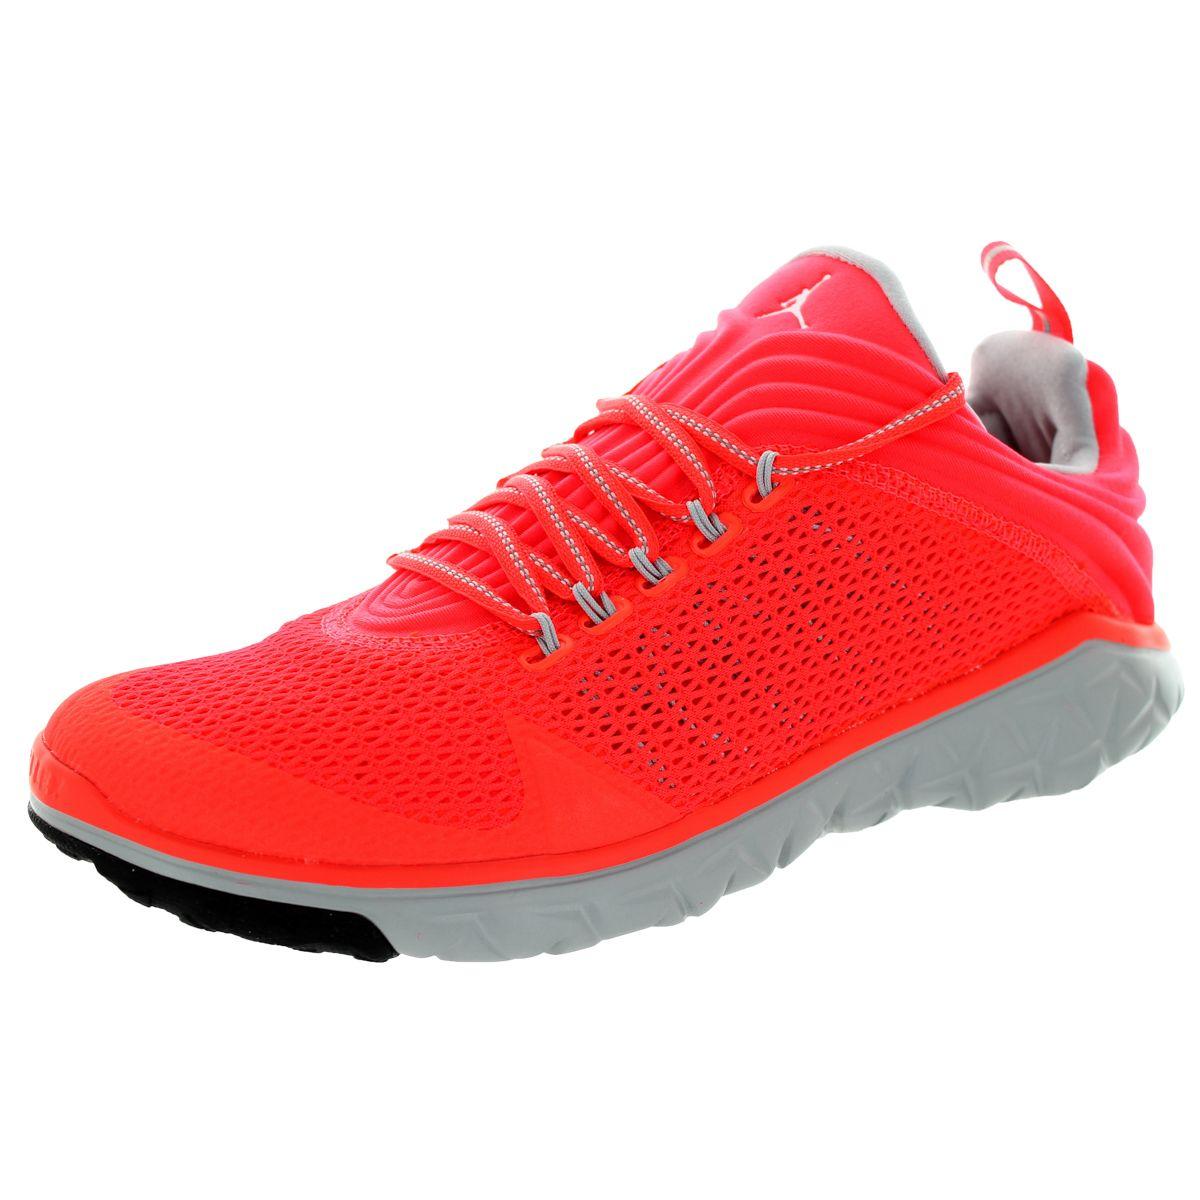 023e71feab5d Nike Jordan Men s Jordan Flight Flex Trainer Infrared 23 White Wolf Grey  Training Shoe